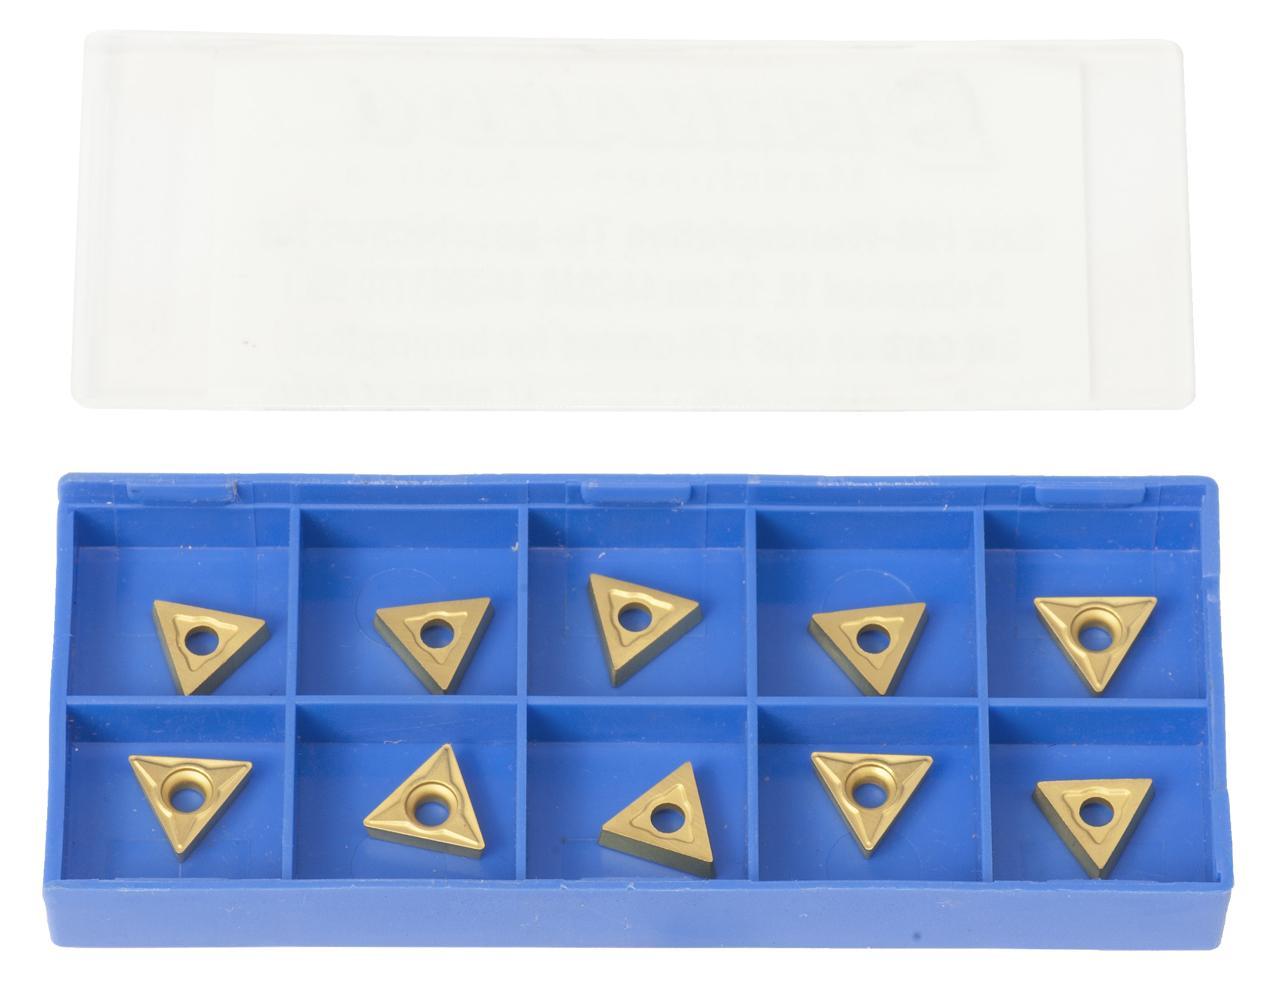 Zestaw płytek węglikowych HM - płytki (10 szt.) pasujących do noży tokarskich 10,12 mm BERNARDO